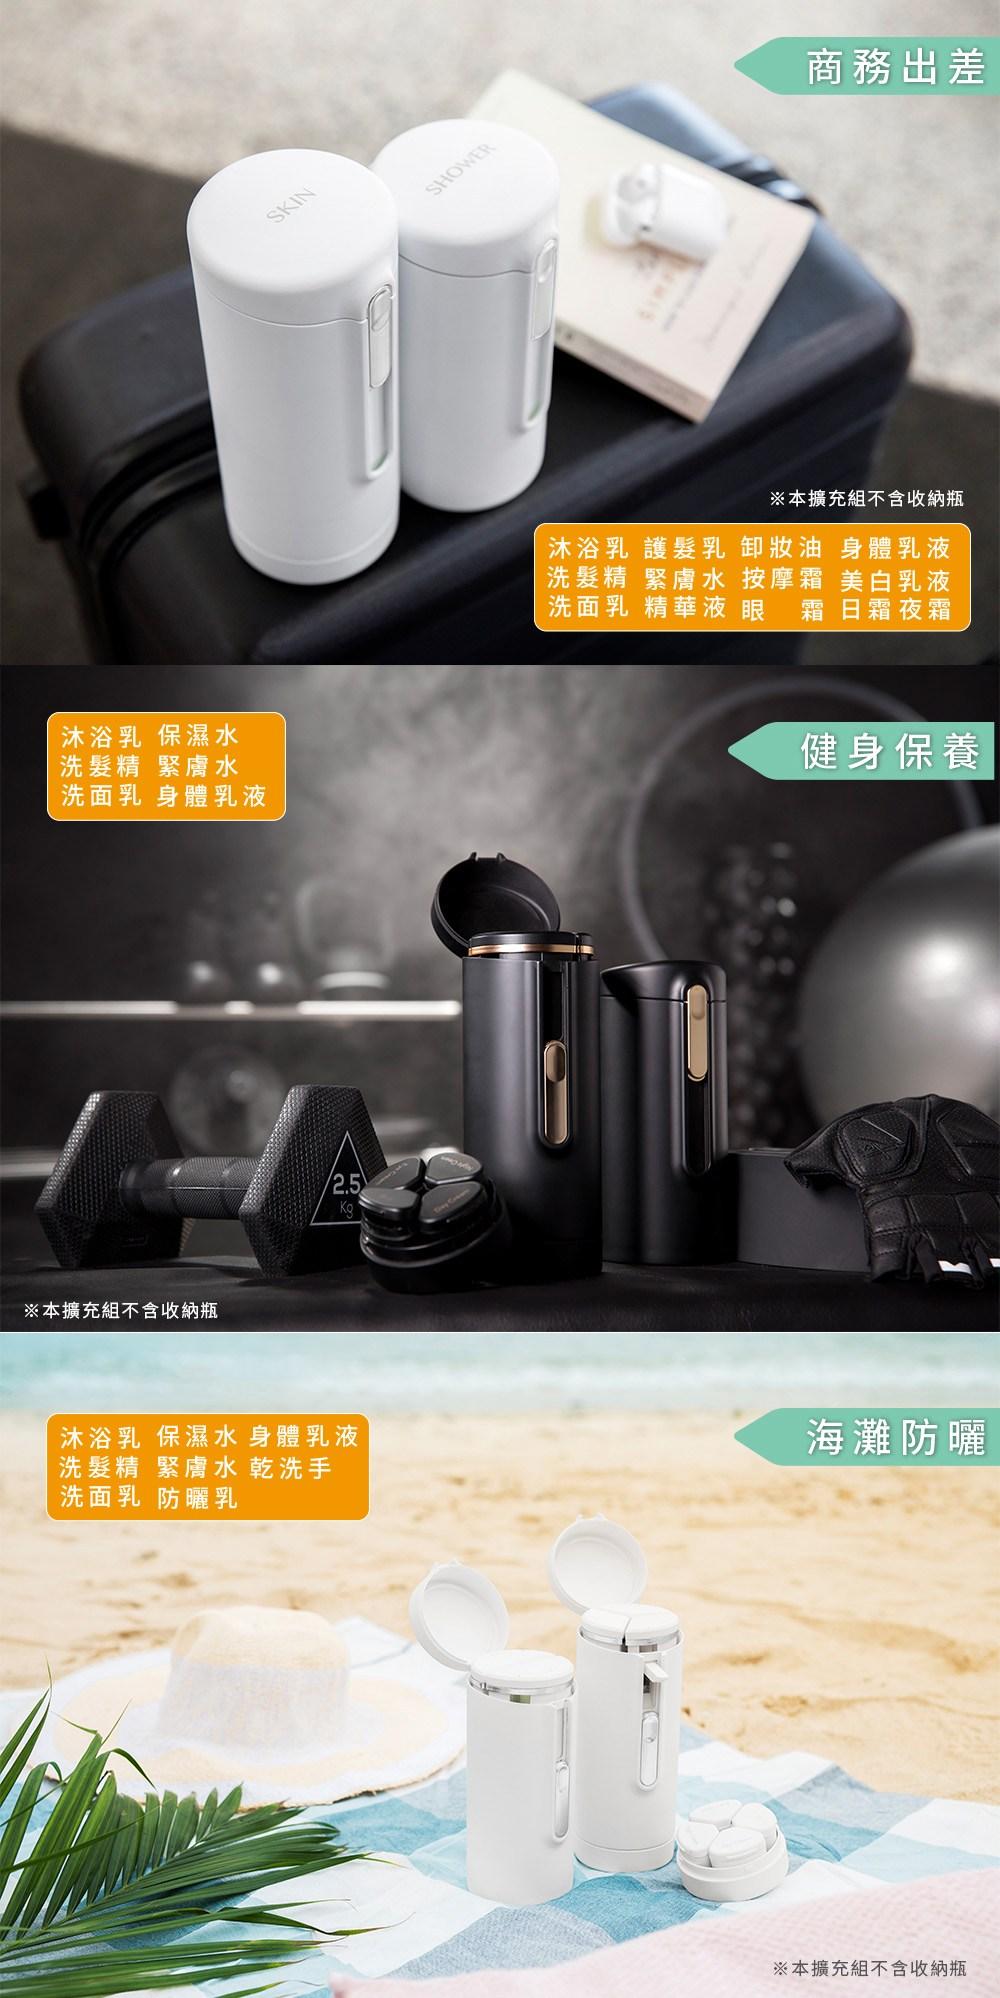 2個白色TIC BOTTLE V2.0放在行李箱上,2個黑色TIC BOTTLE V2.0放在健身器材旁邊,一片沙灘上放著野餐墊及白色TIC BOTTLE V2.0